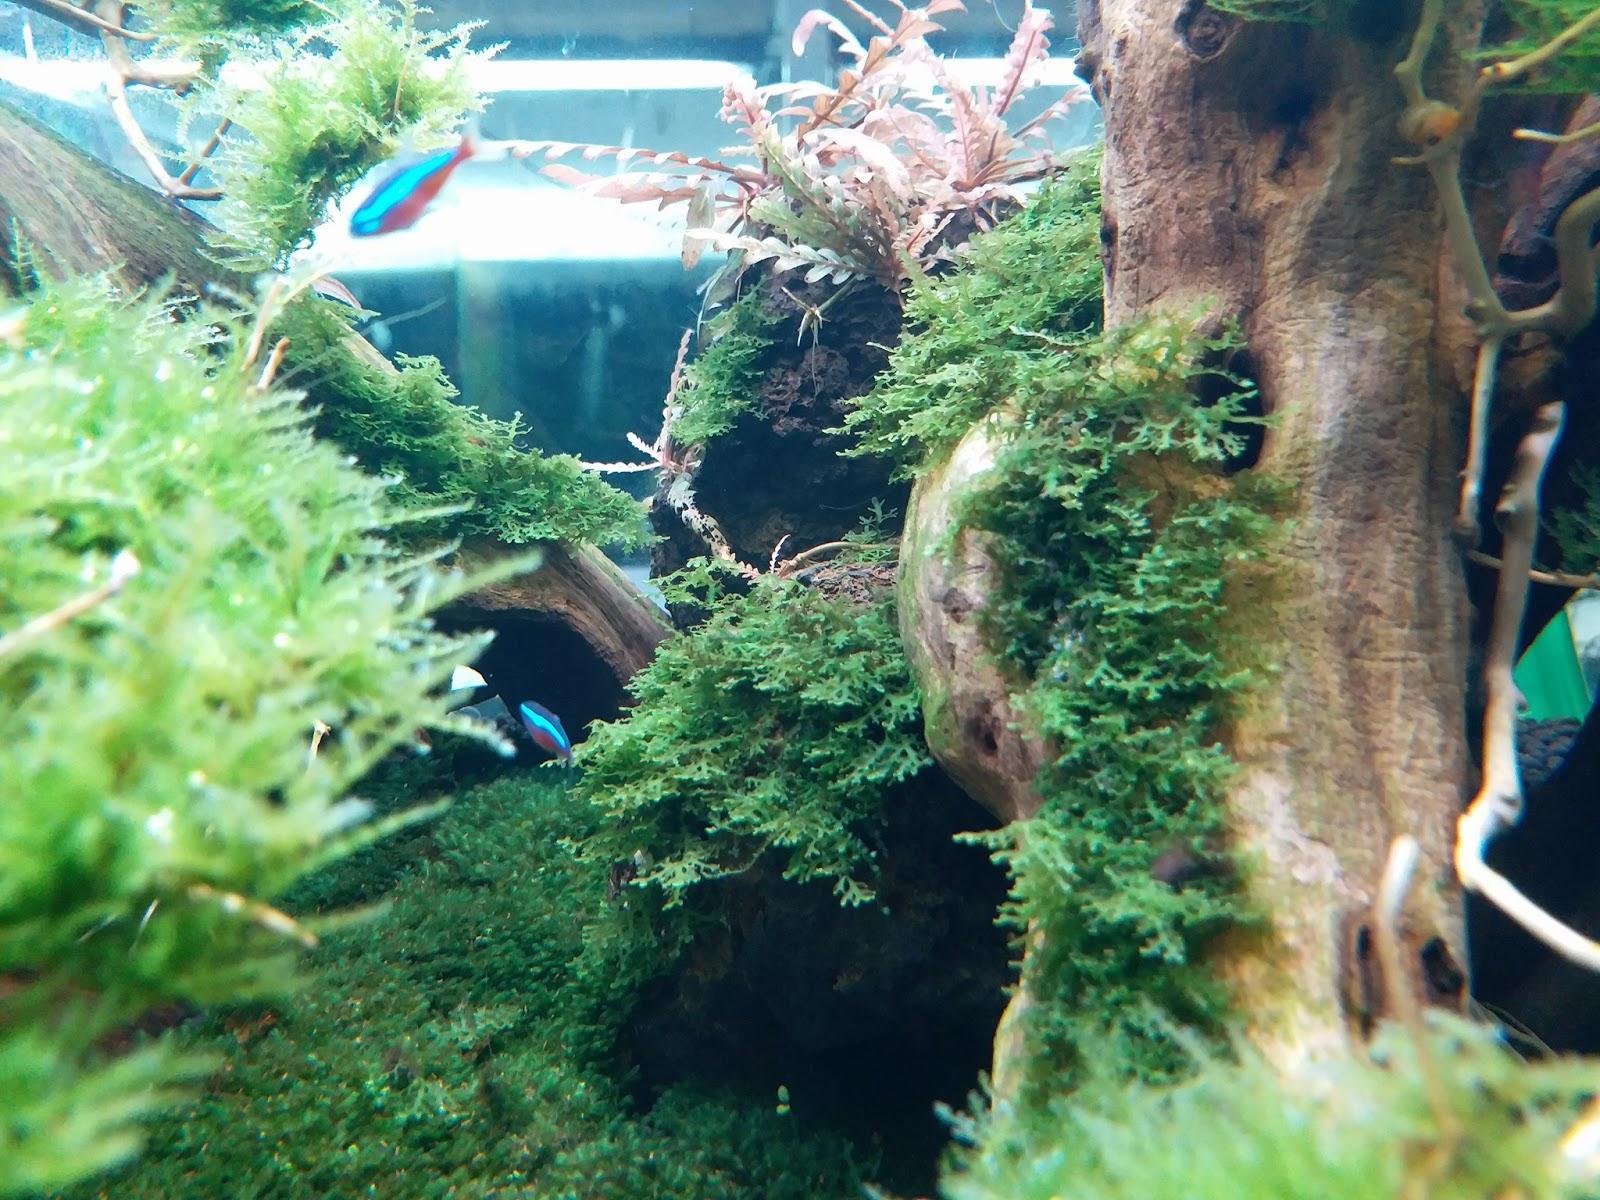 Rêu thủy sinh mini pelia trong hồ của bạn Ly Cherry